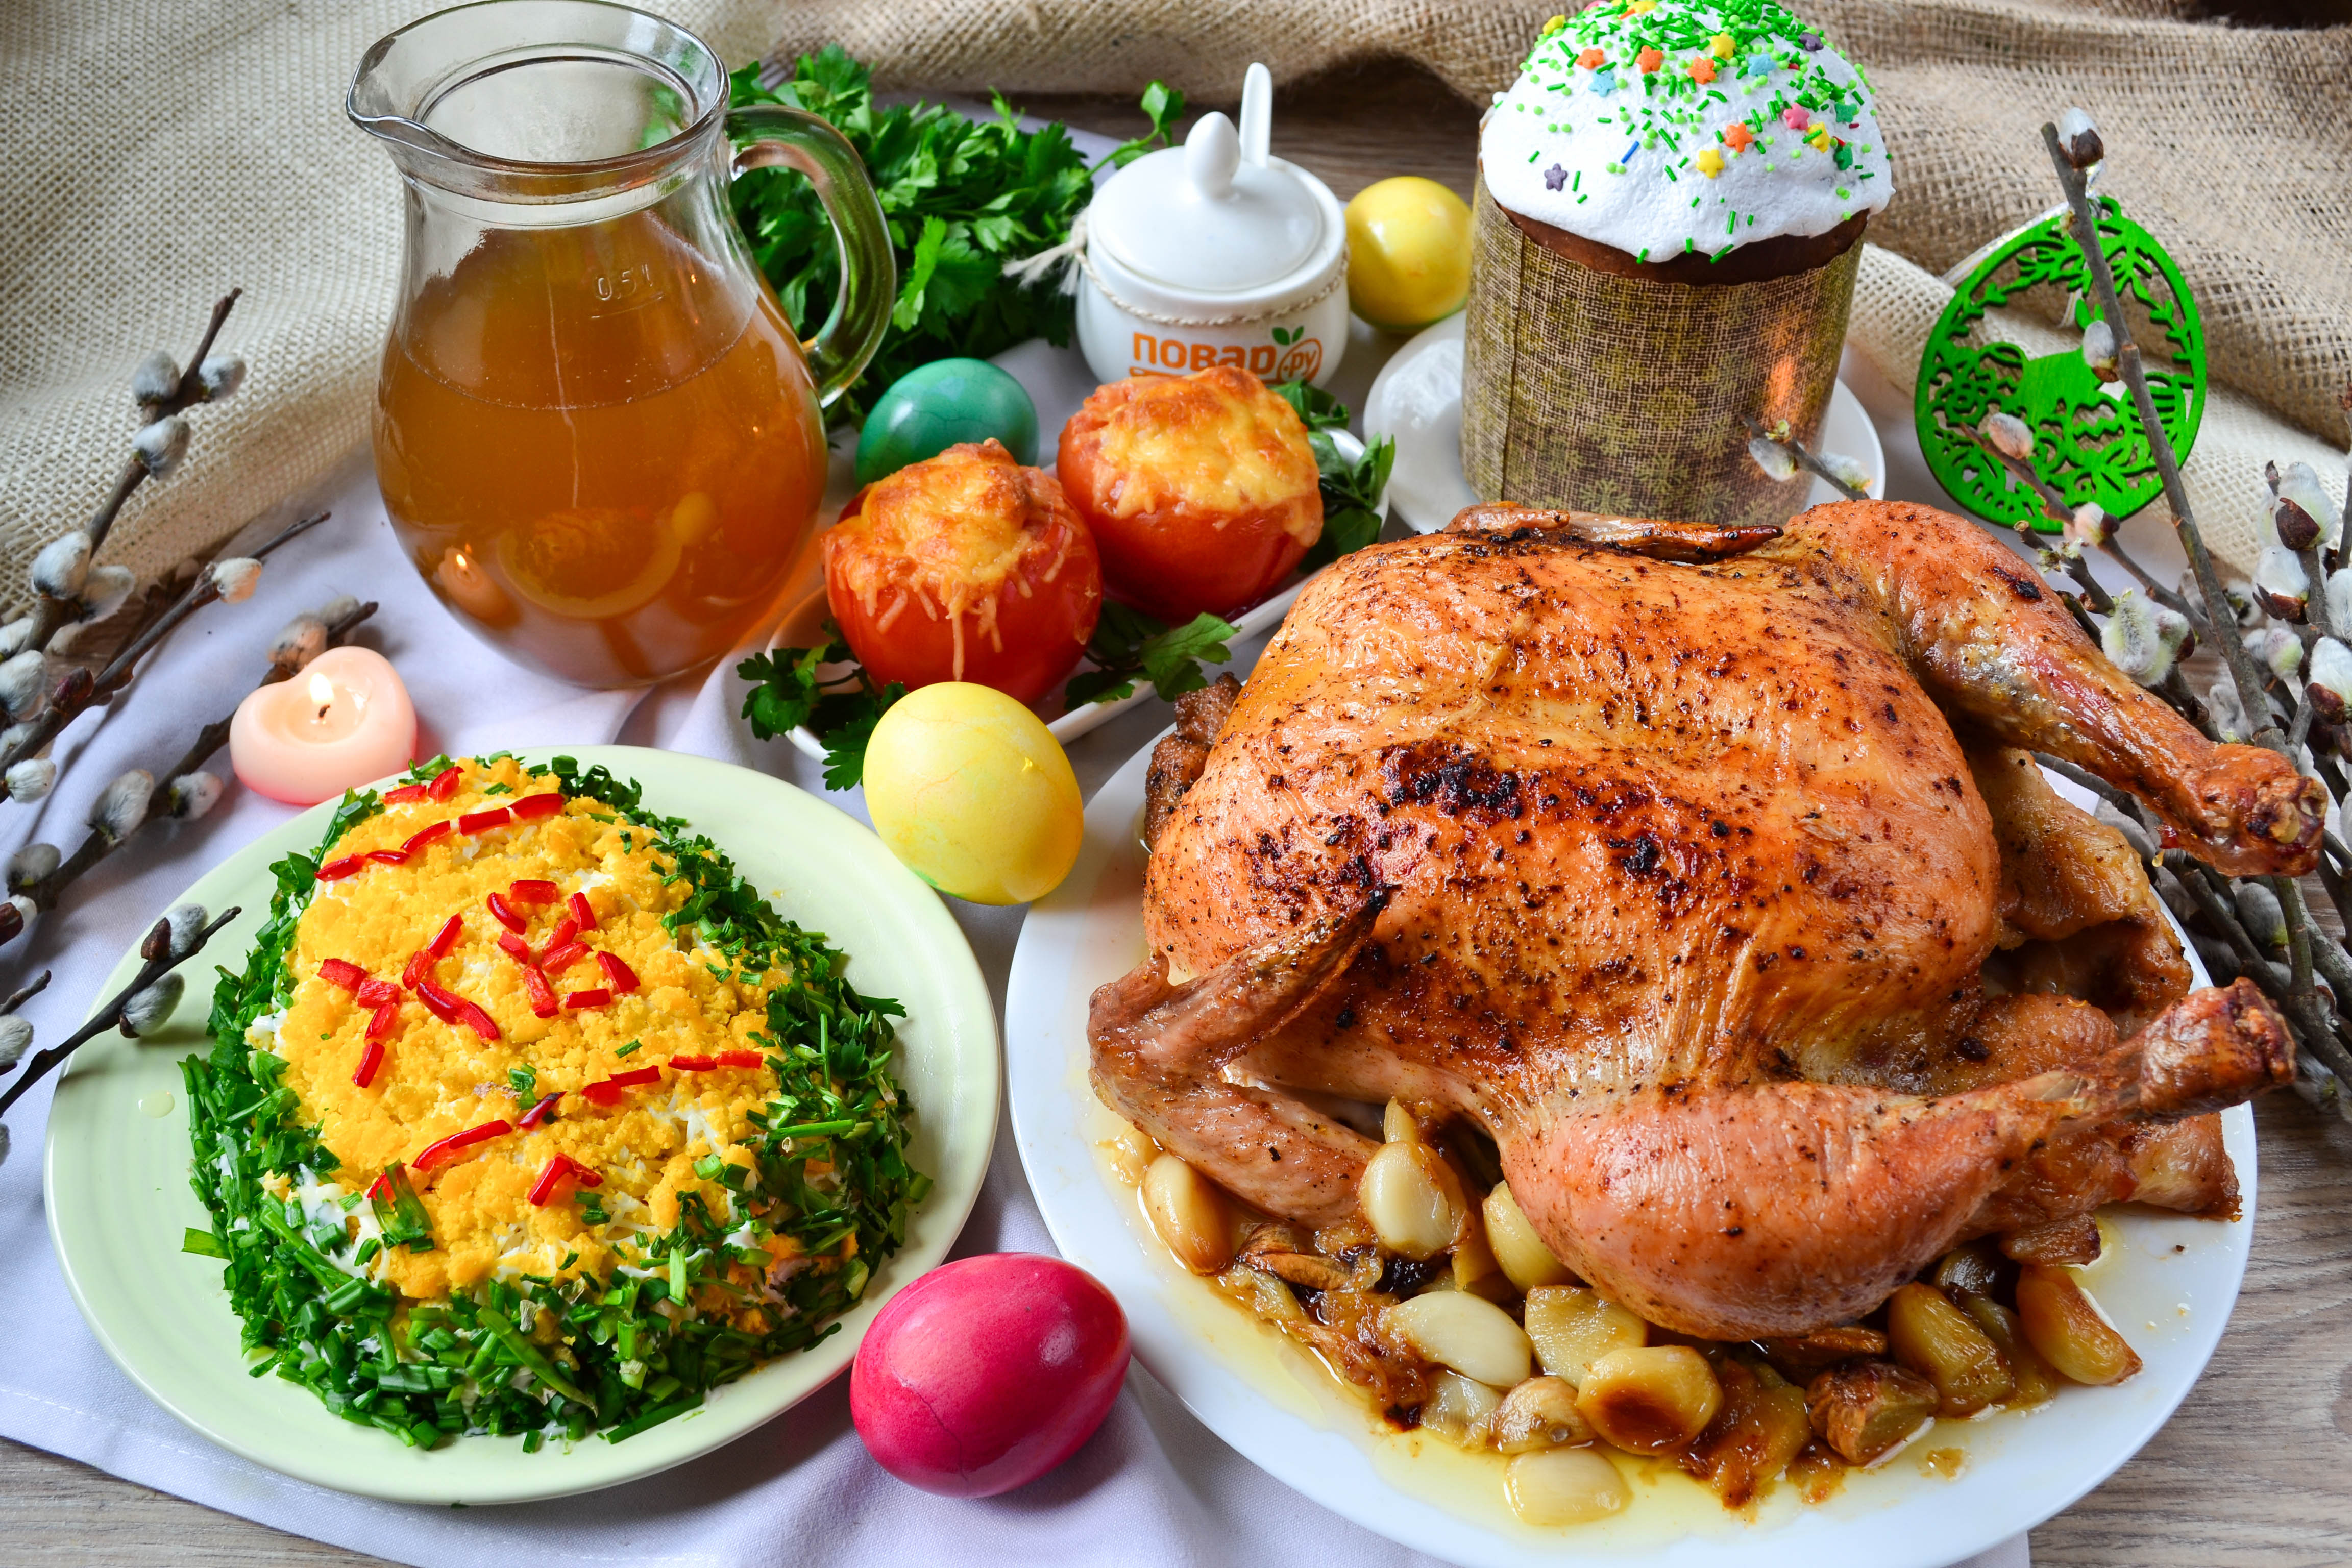 """Меню на Пасху: фаршированные помидоры, салат """"Пасхальное яйцо"""", запеченная курица на чесночной подушке, дрожжевой кулич и компот из сухофруктов"""